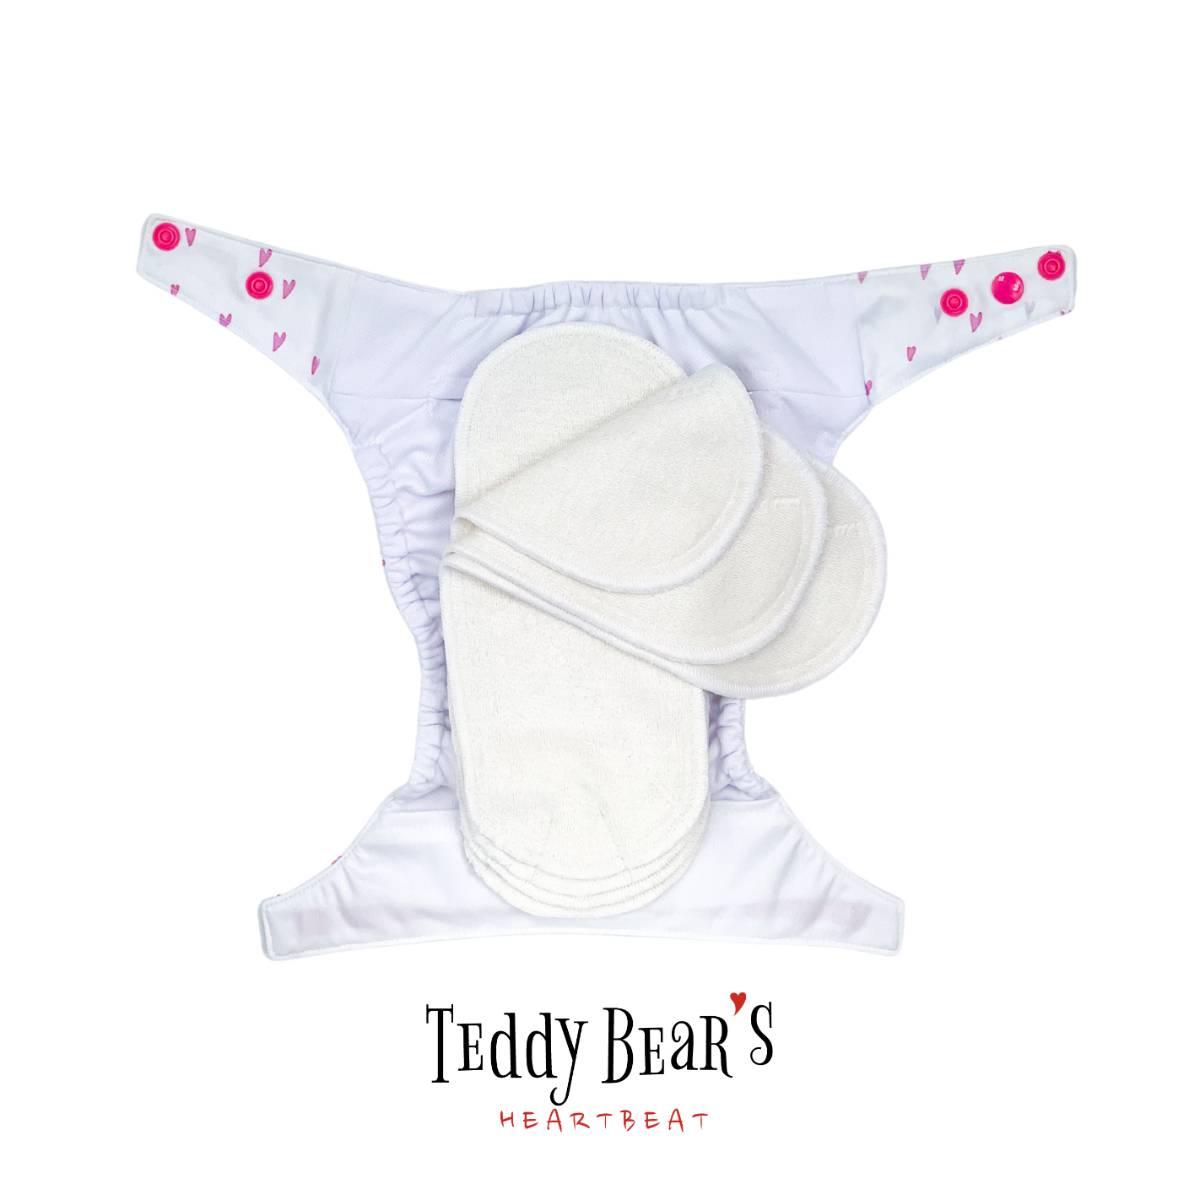 ariel-ergonomisk-toybleie-innlegg-booster-teddy-bears-heartbeat